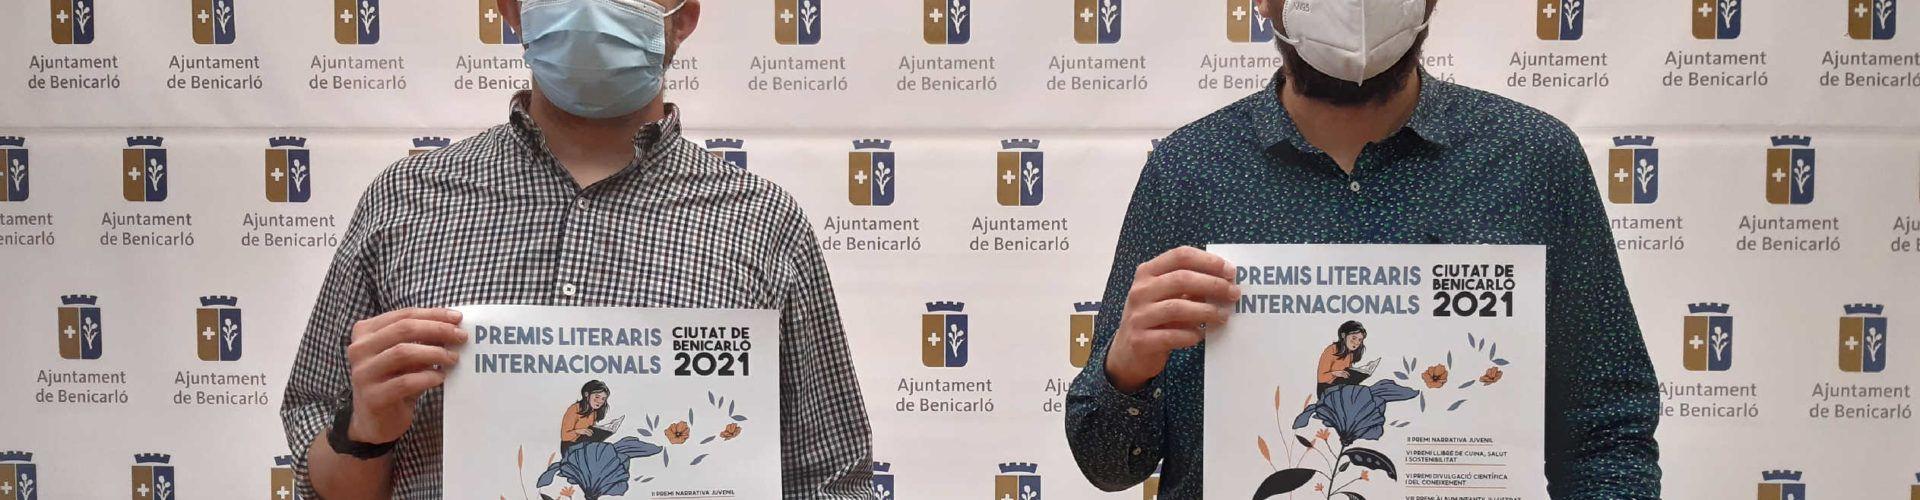 Benicarló arranca un nou cicle dels Premis Literaris amb la presentació de les bases de 2021